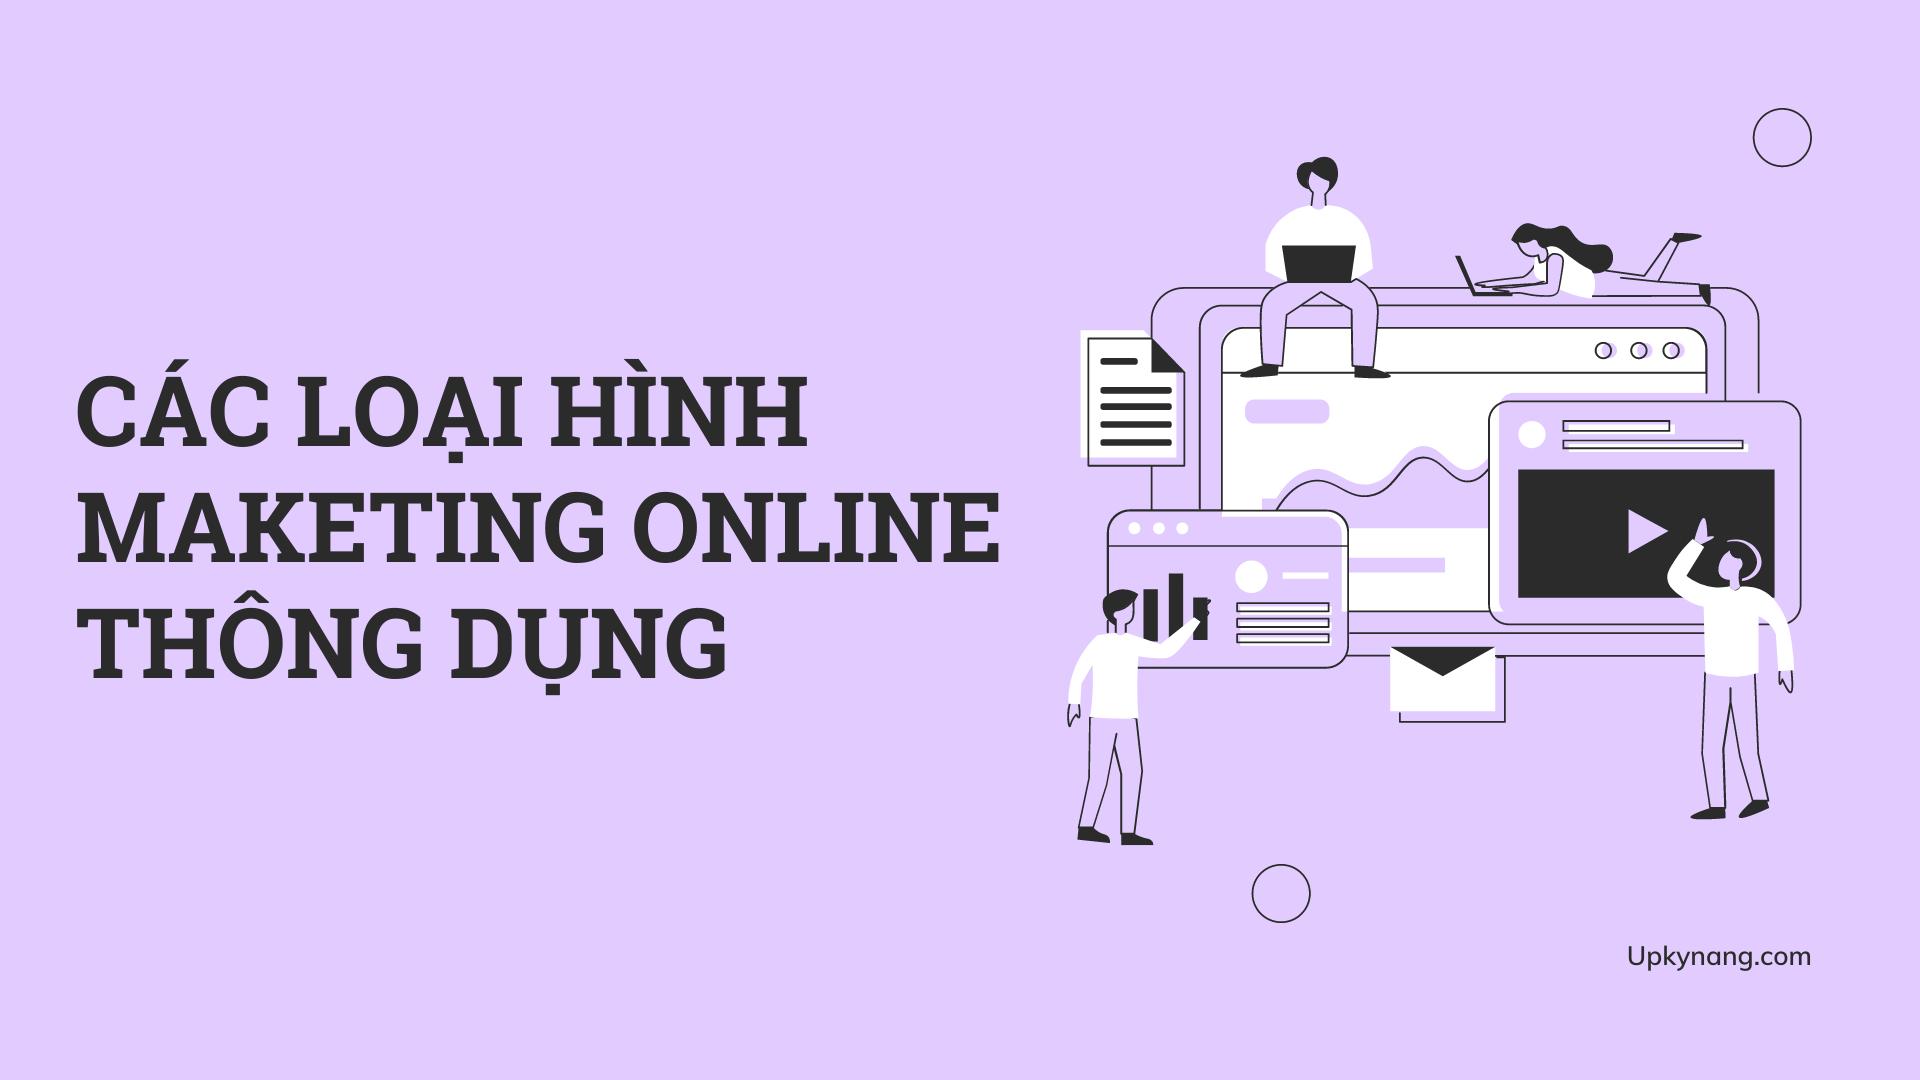 maketing online là gì? các loại hình thông dụng